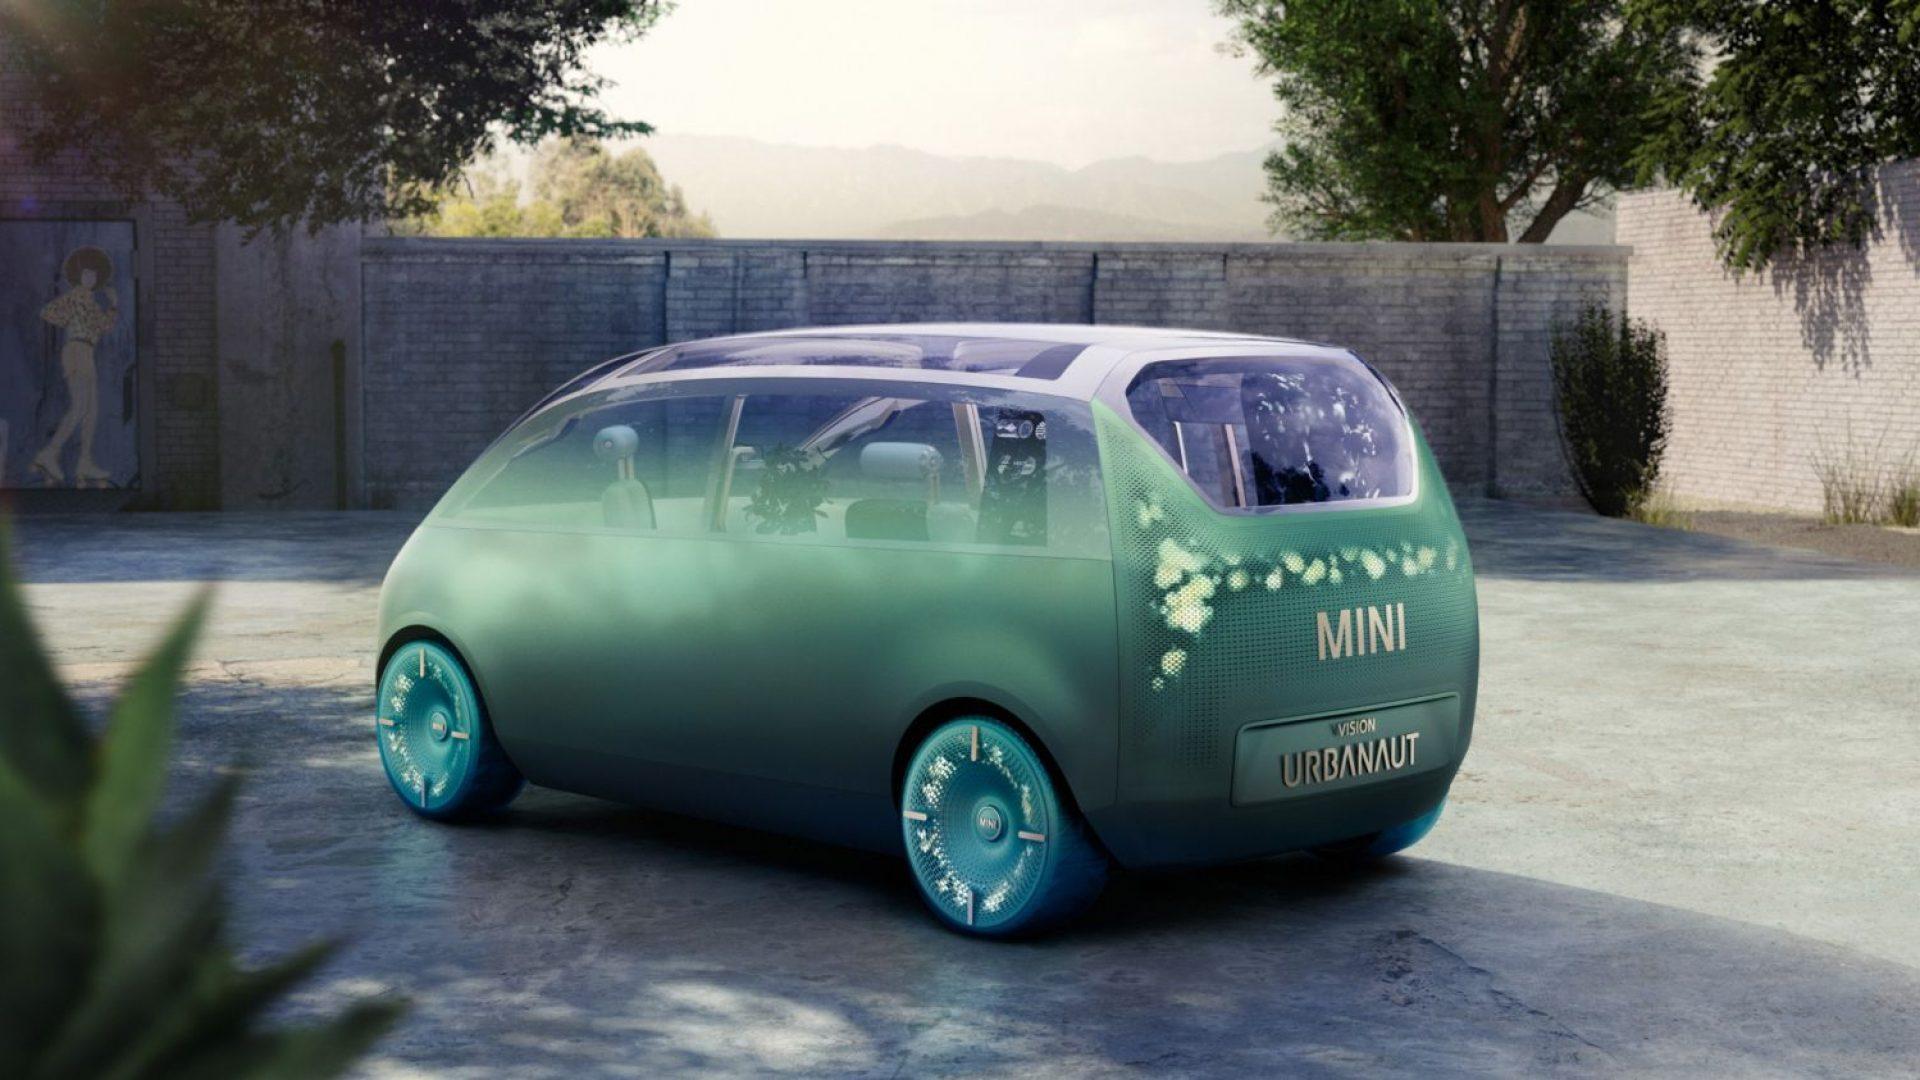 2020-Mini-Vision-Urbanaut-Concept-04